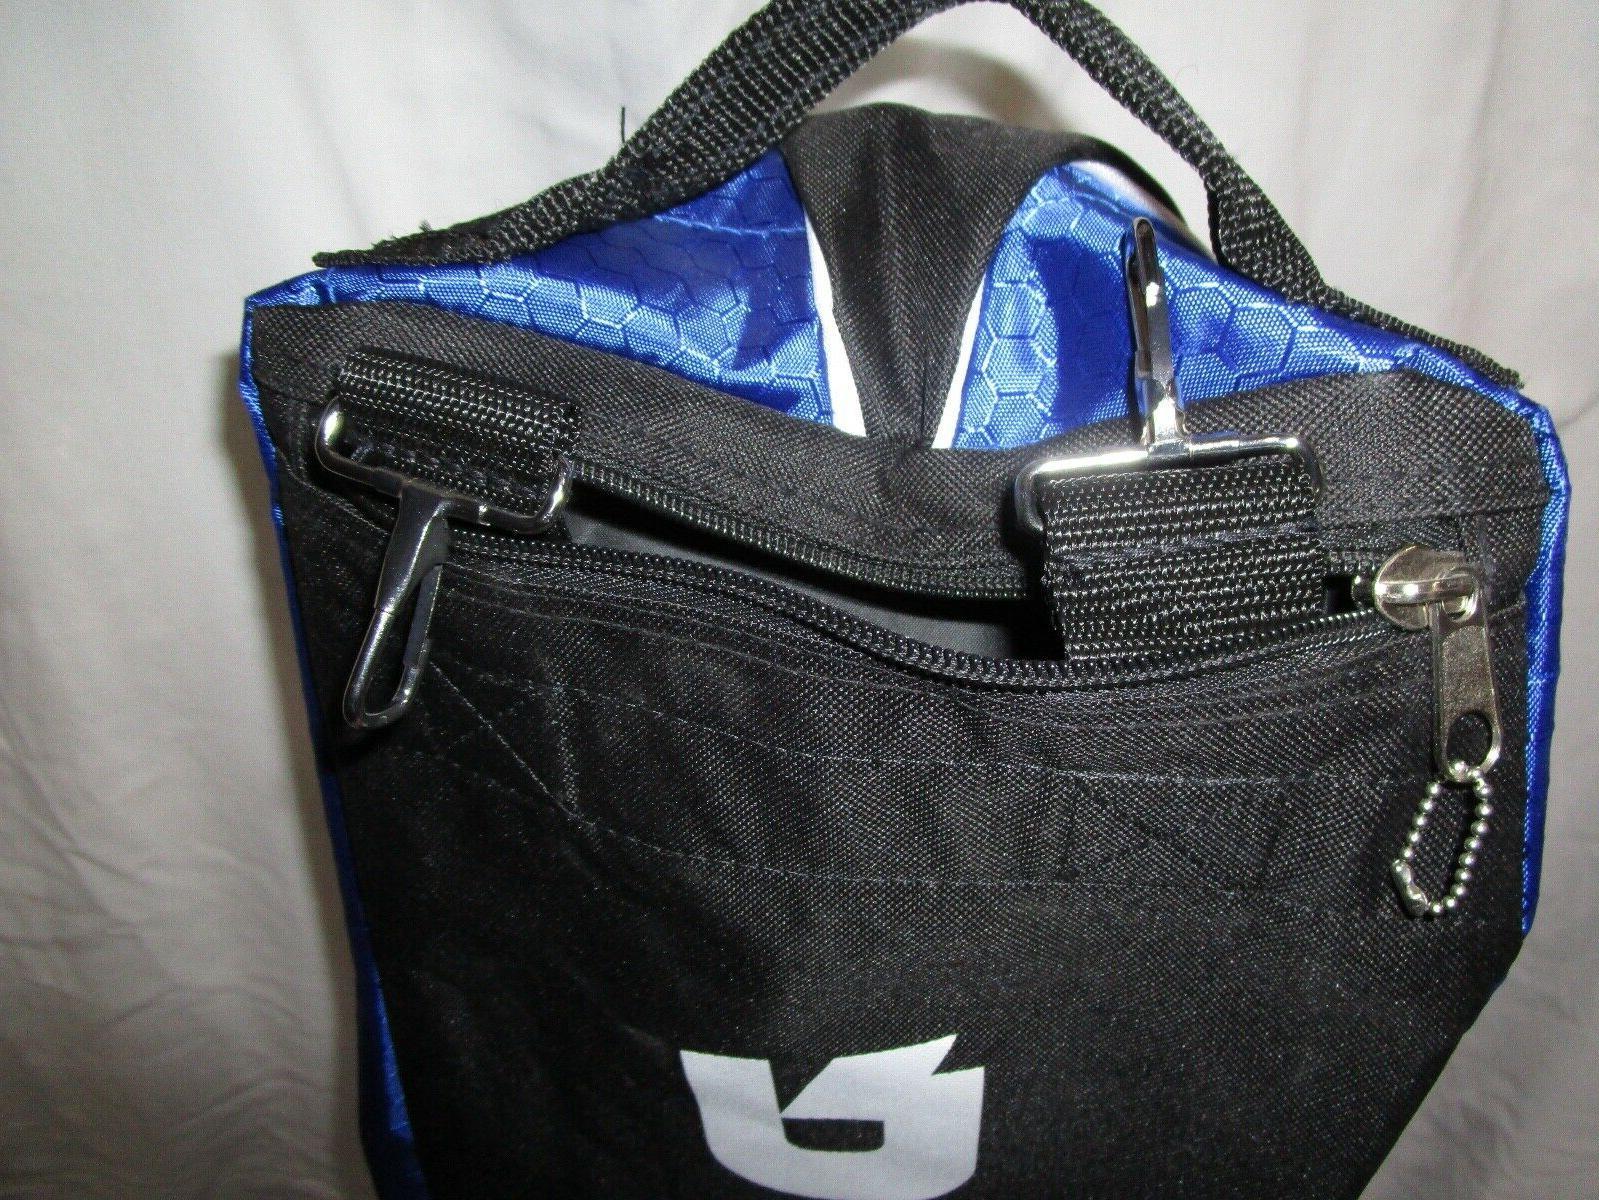 BASEBALL BAG, ROYAL BLUE & ON WHEELS, TAGS